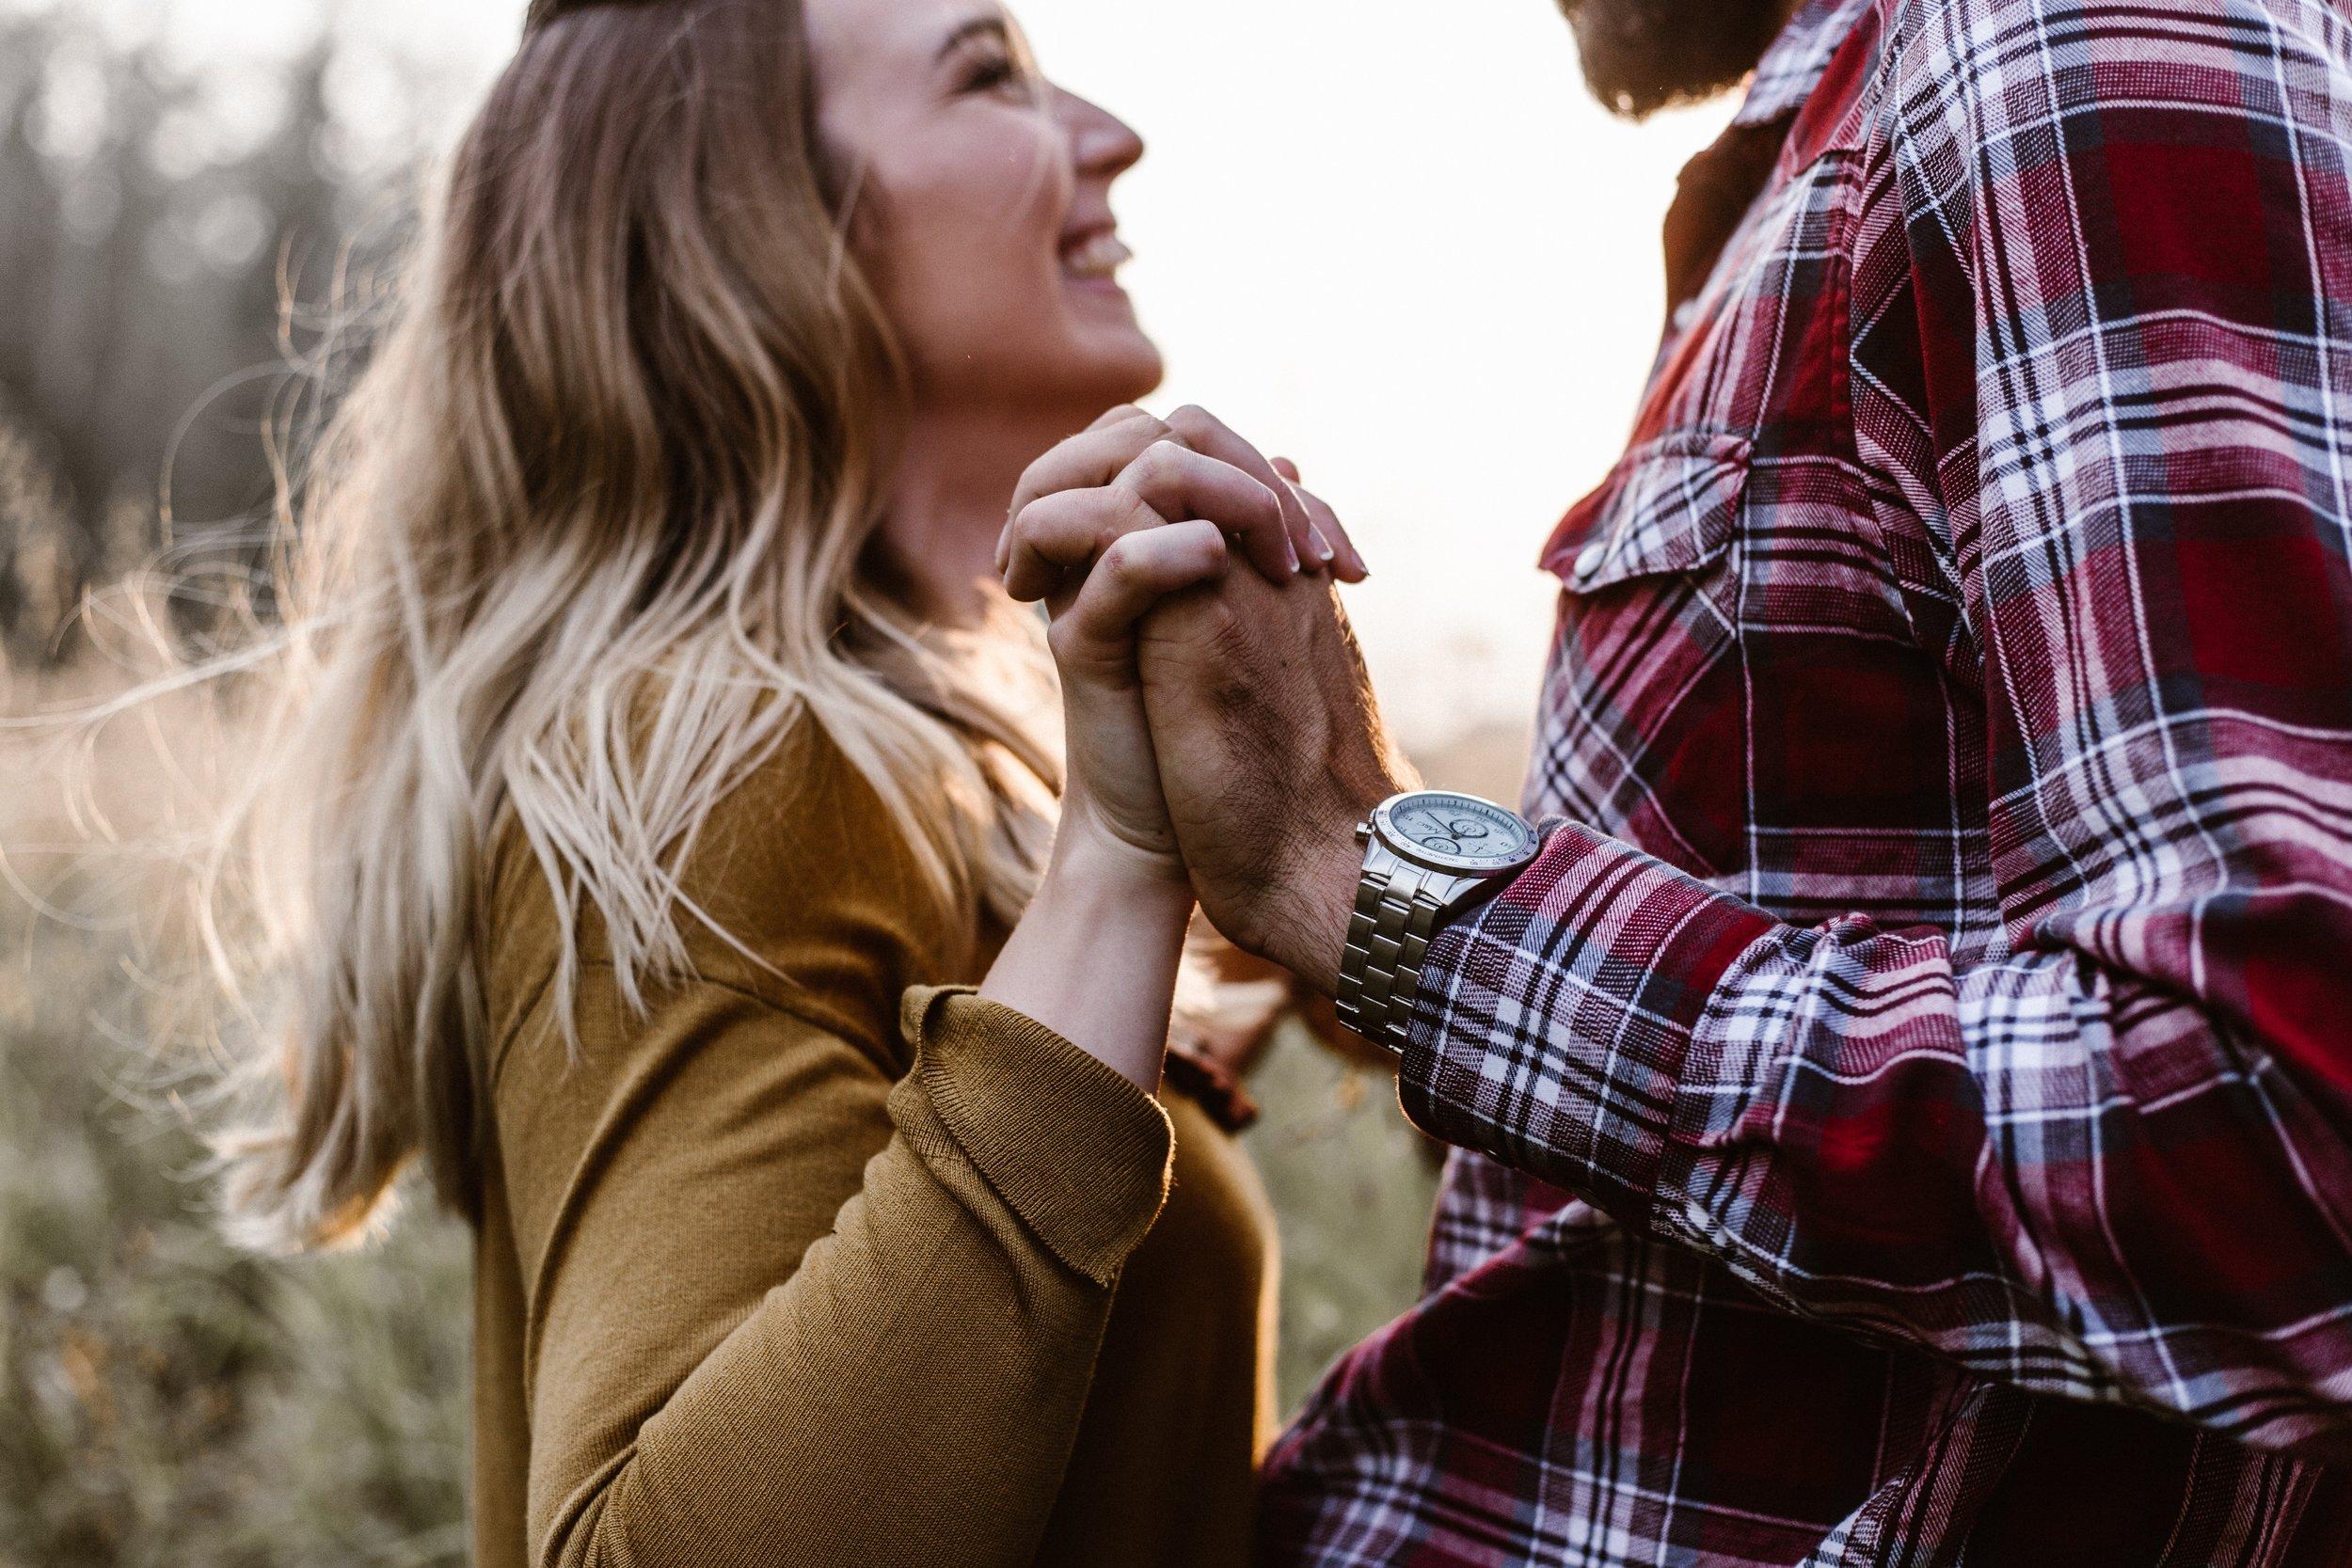 sebesség társkereső ra program keresztény randi társadalmi hálózat